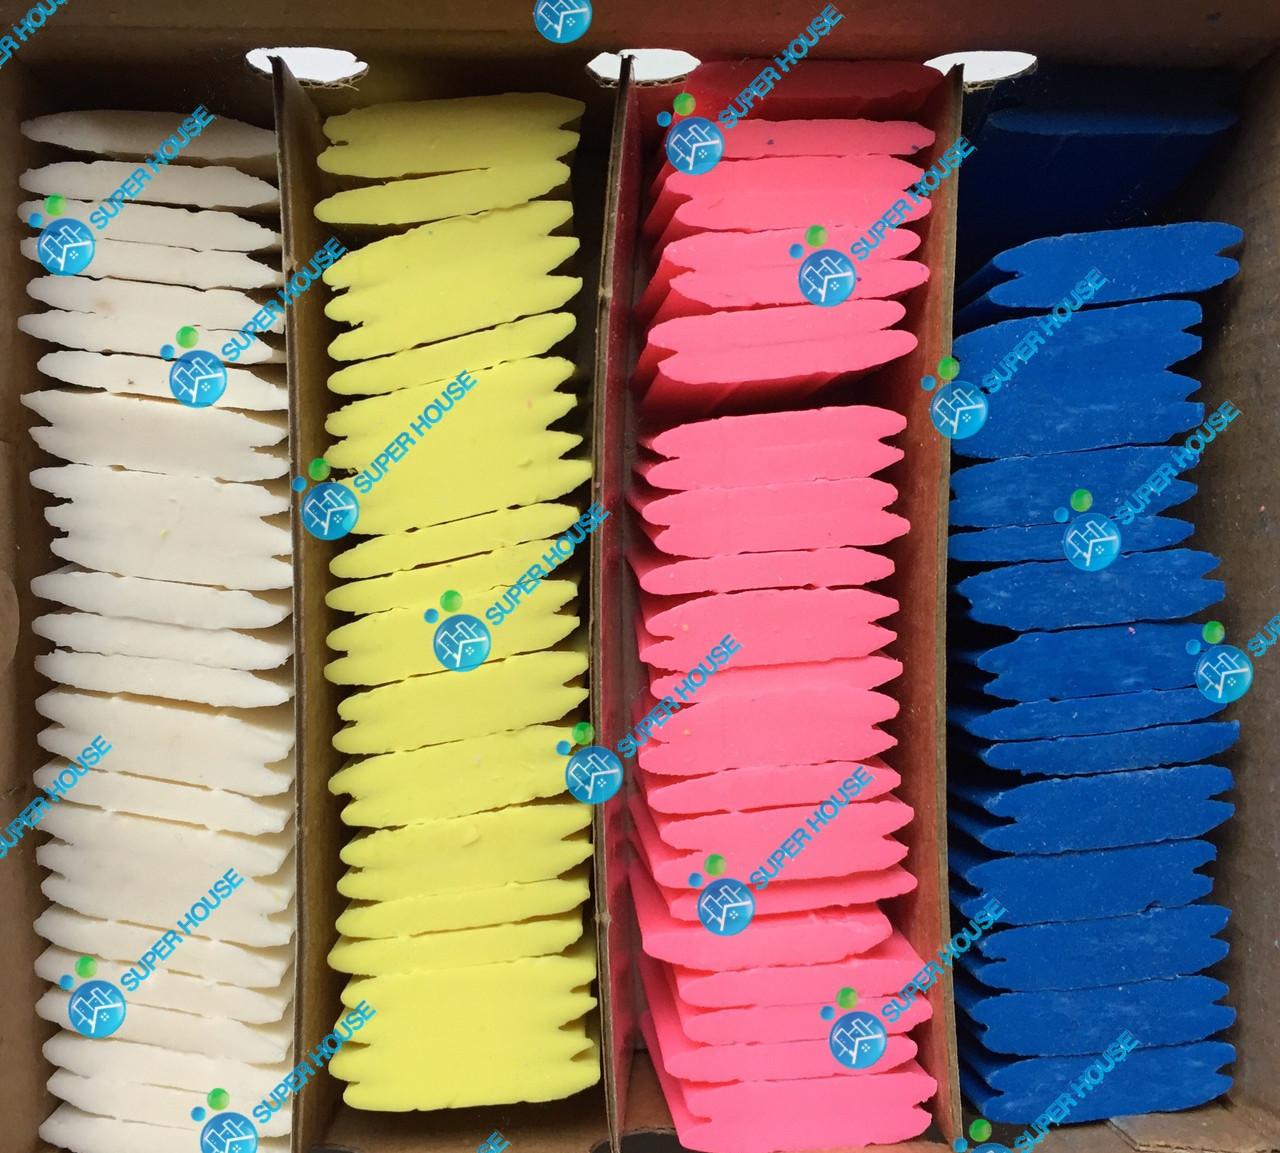 Крейда невидимка для розмітки, мило портновское STRONG. 100 шт. в упаковці (4 кольори)